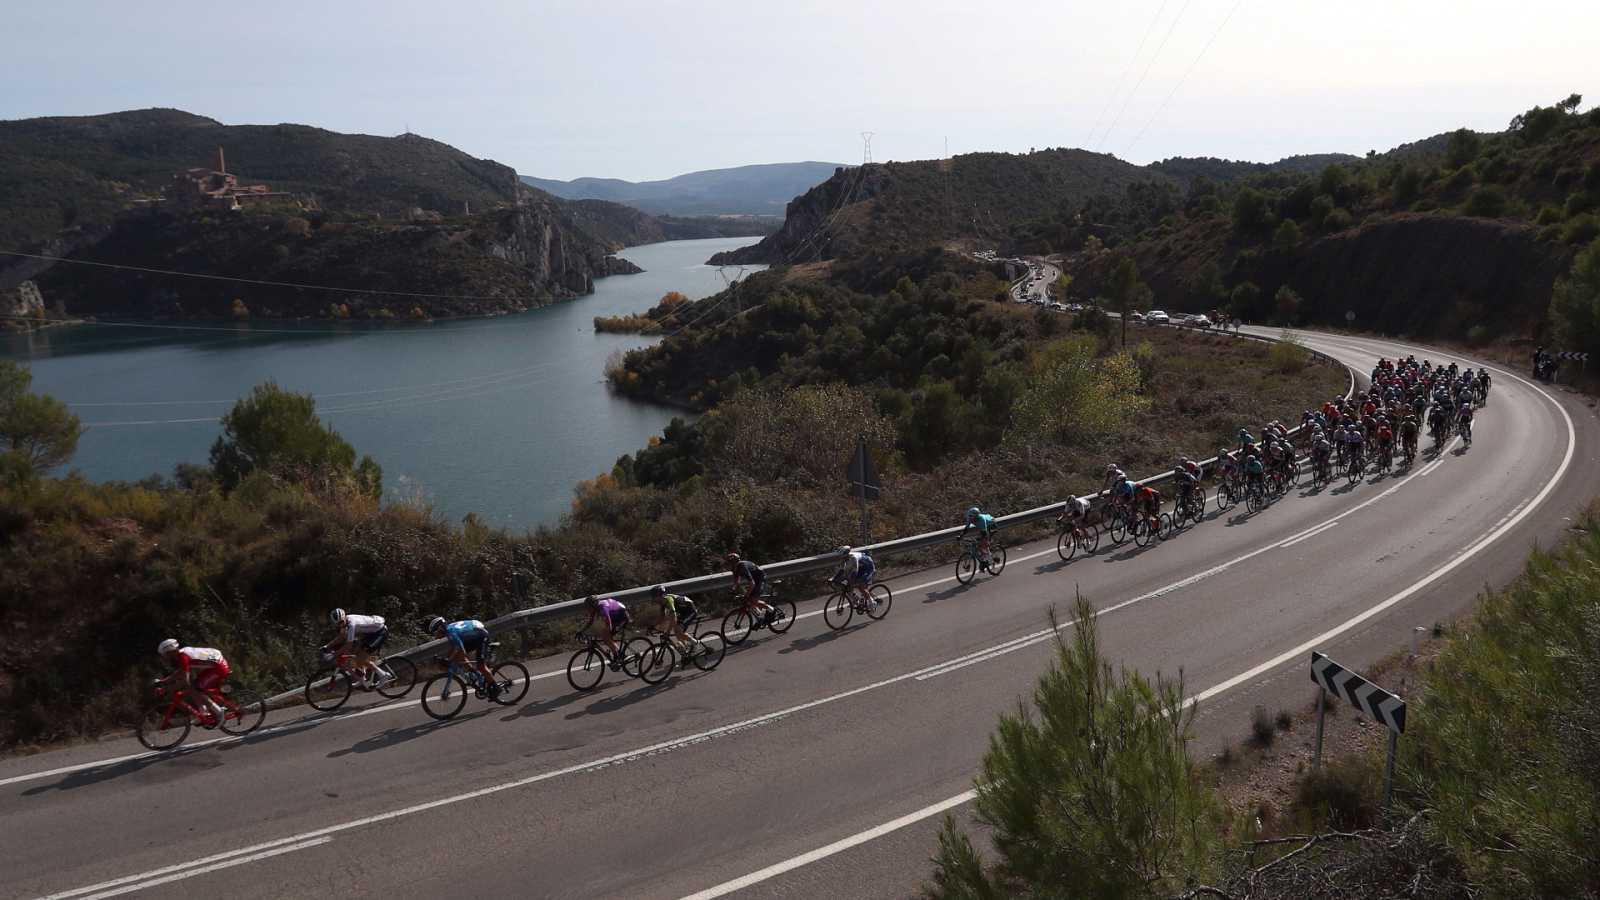 Vuelta ciclista a España 2020 - 5ª etapa: Huesca - Sabiñánigo (Podium) - ver ahora